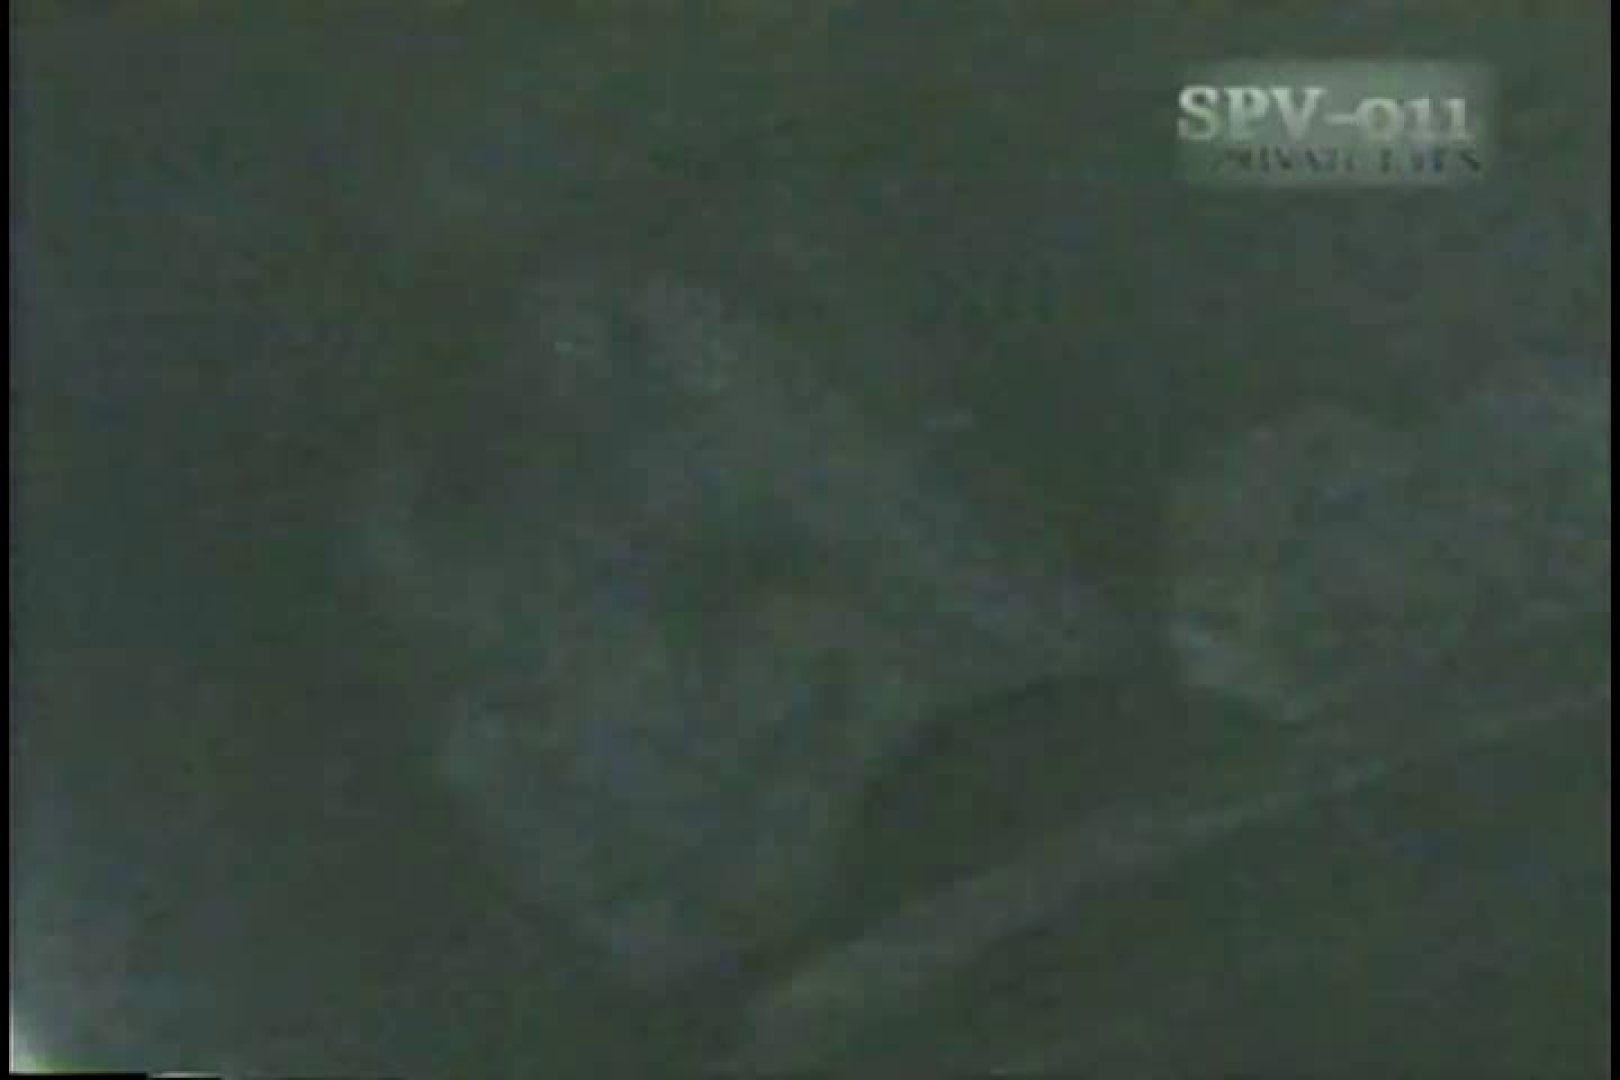 高画質版!SPD-011 盗撮 カーセックス黙示録 (VHS) 高画質  104連発 48